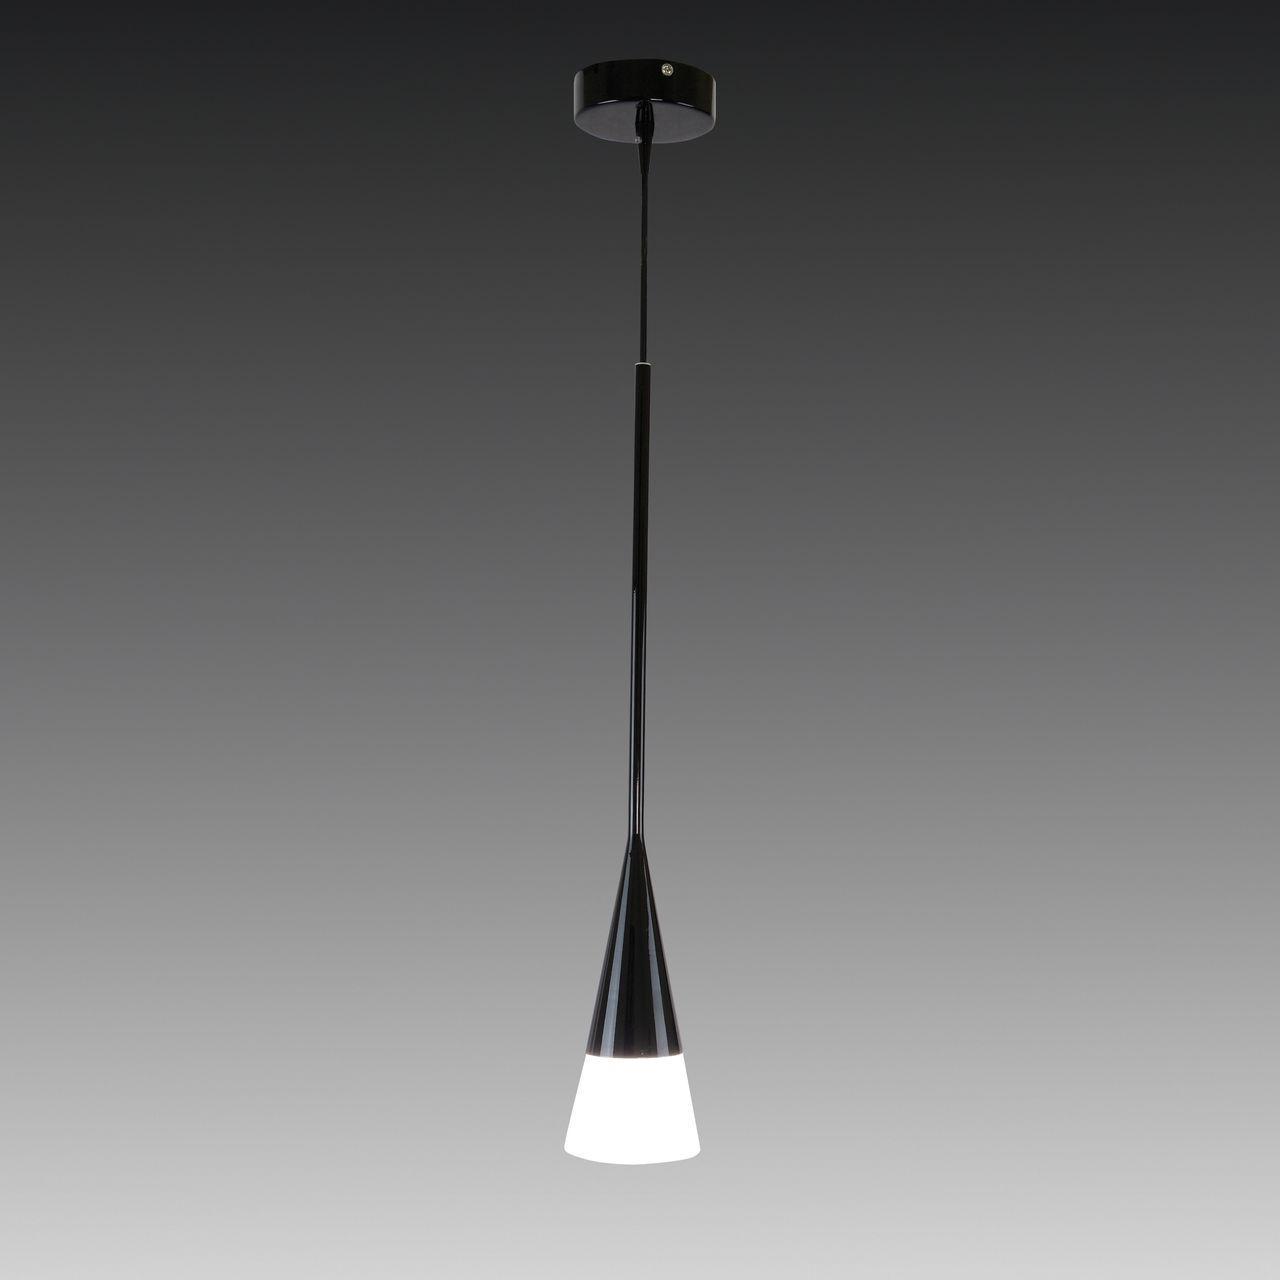 Подвесной светильник Lightstar Conicita 804117 подвесной светильник lightstar conicita 804110